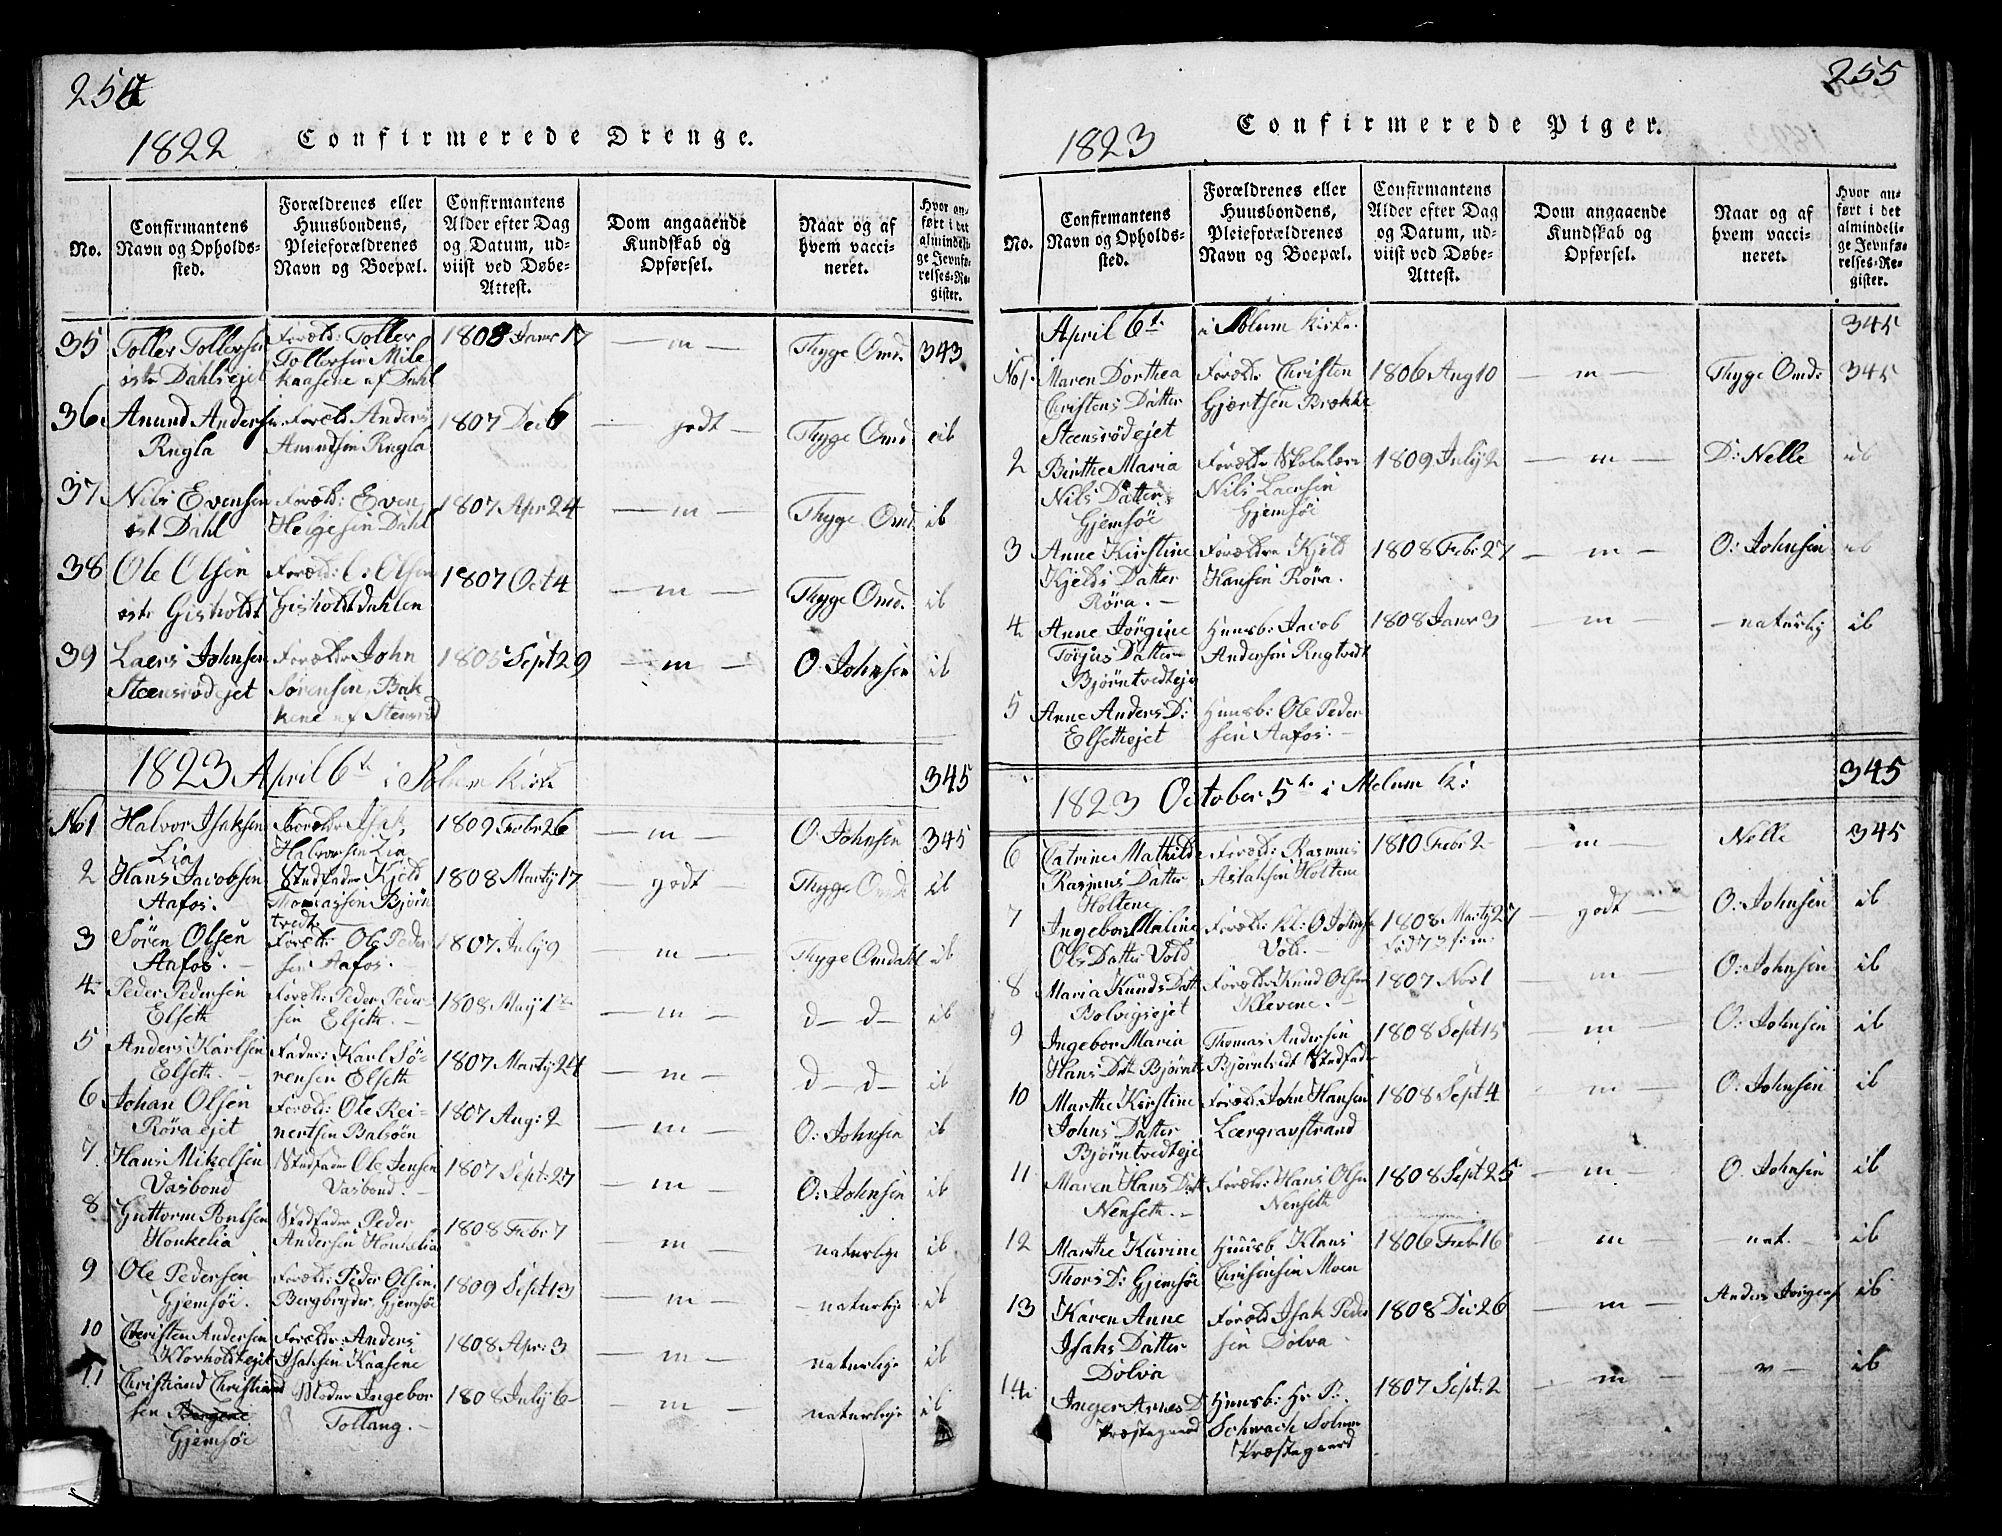 SAKO, Solum kirkebøker, G/Ga/L0001: Klokkerbok nr. I 1, 1814-1833, s. 255